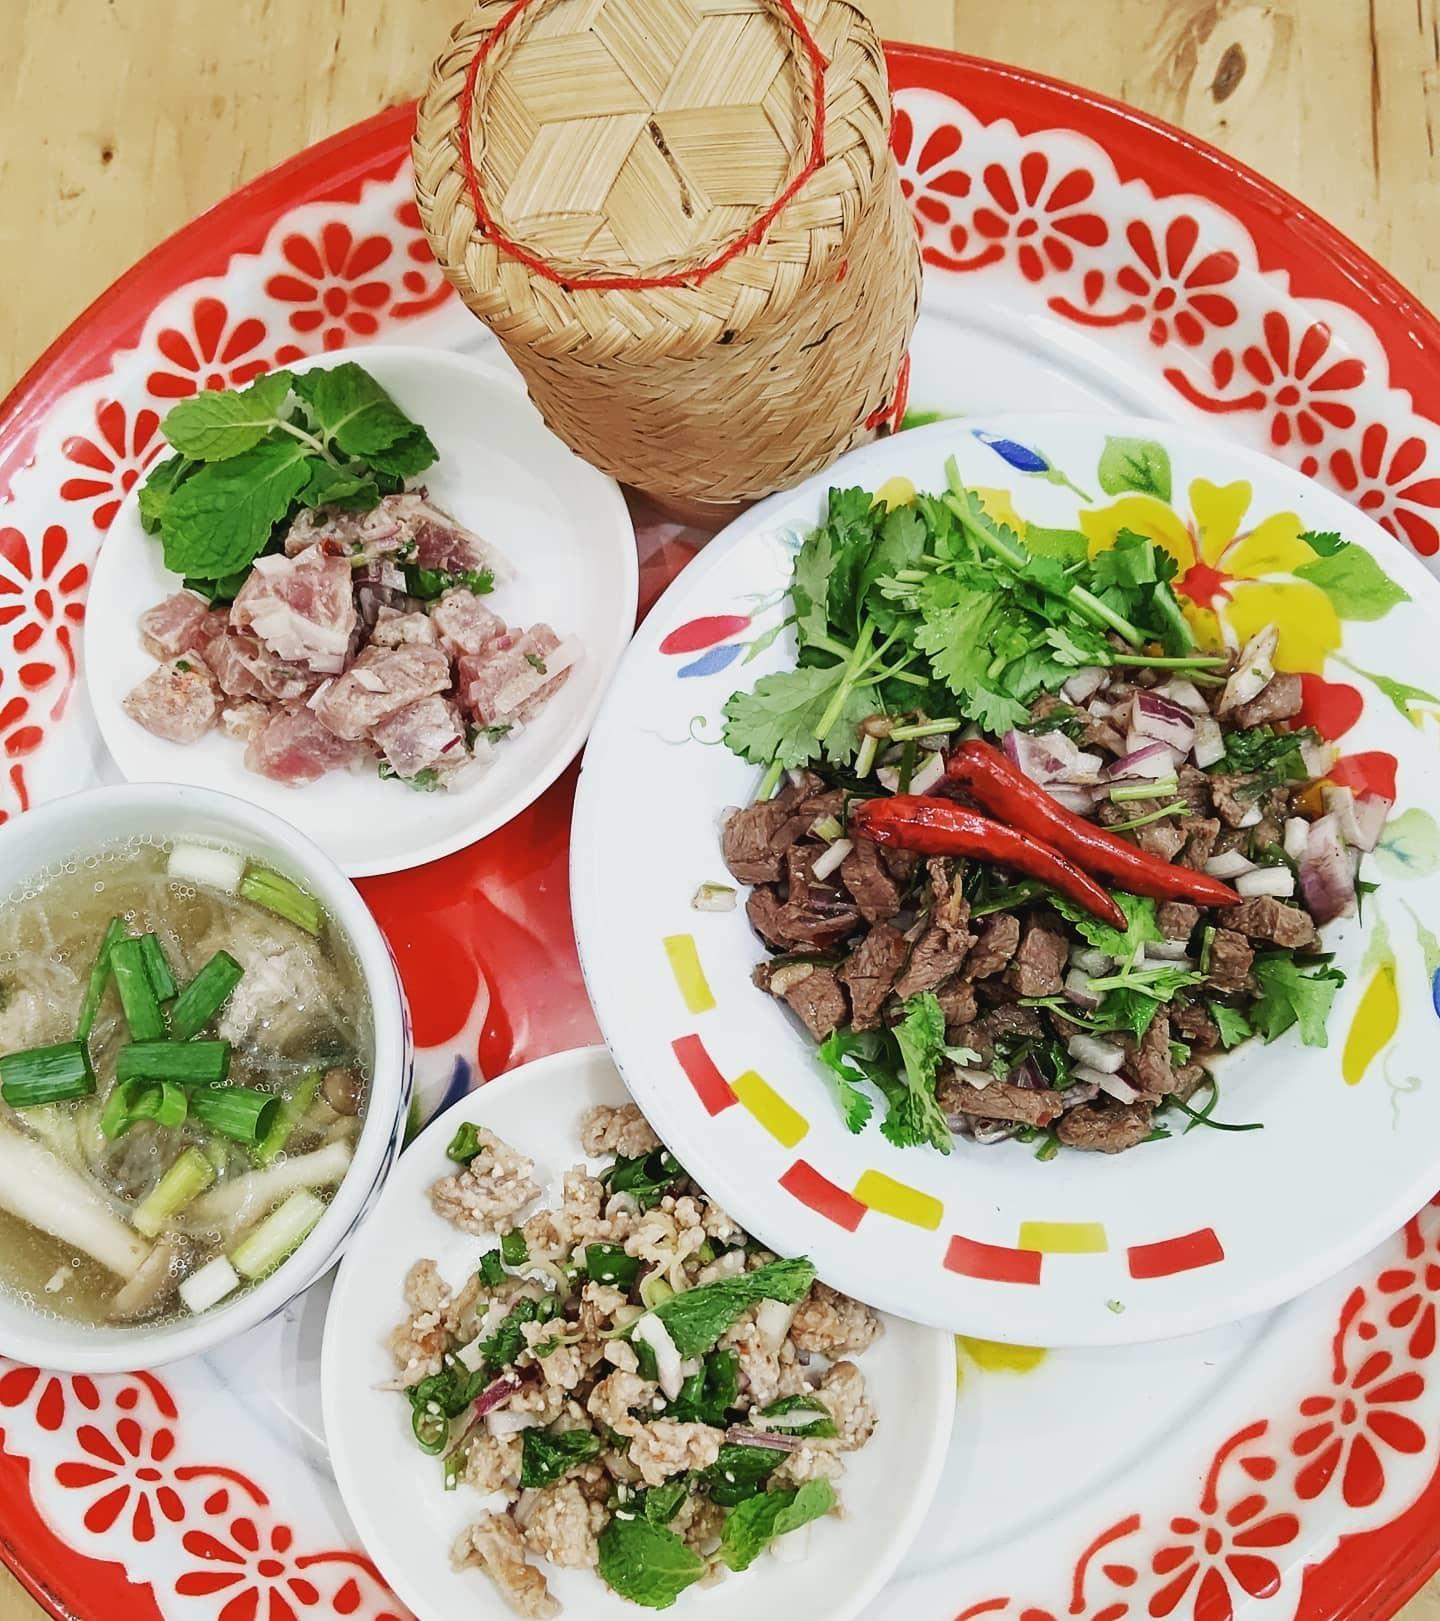 8月のガートゥハイ料理教室_e0161704_17051187.jpg